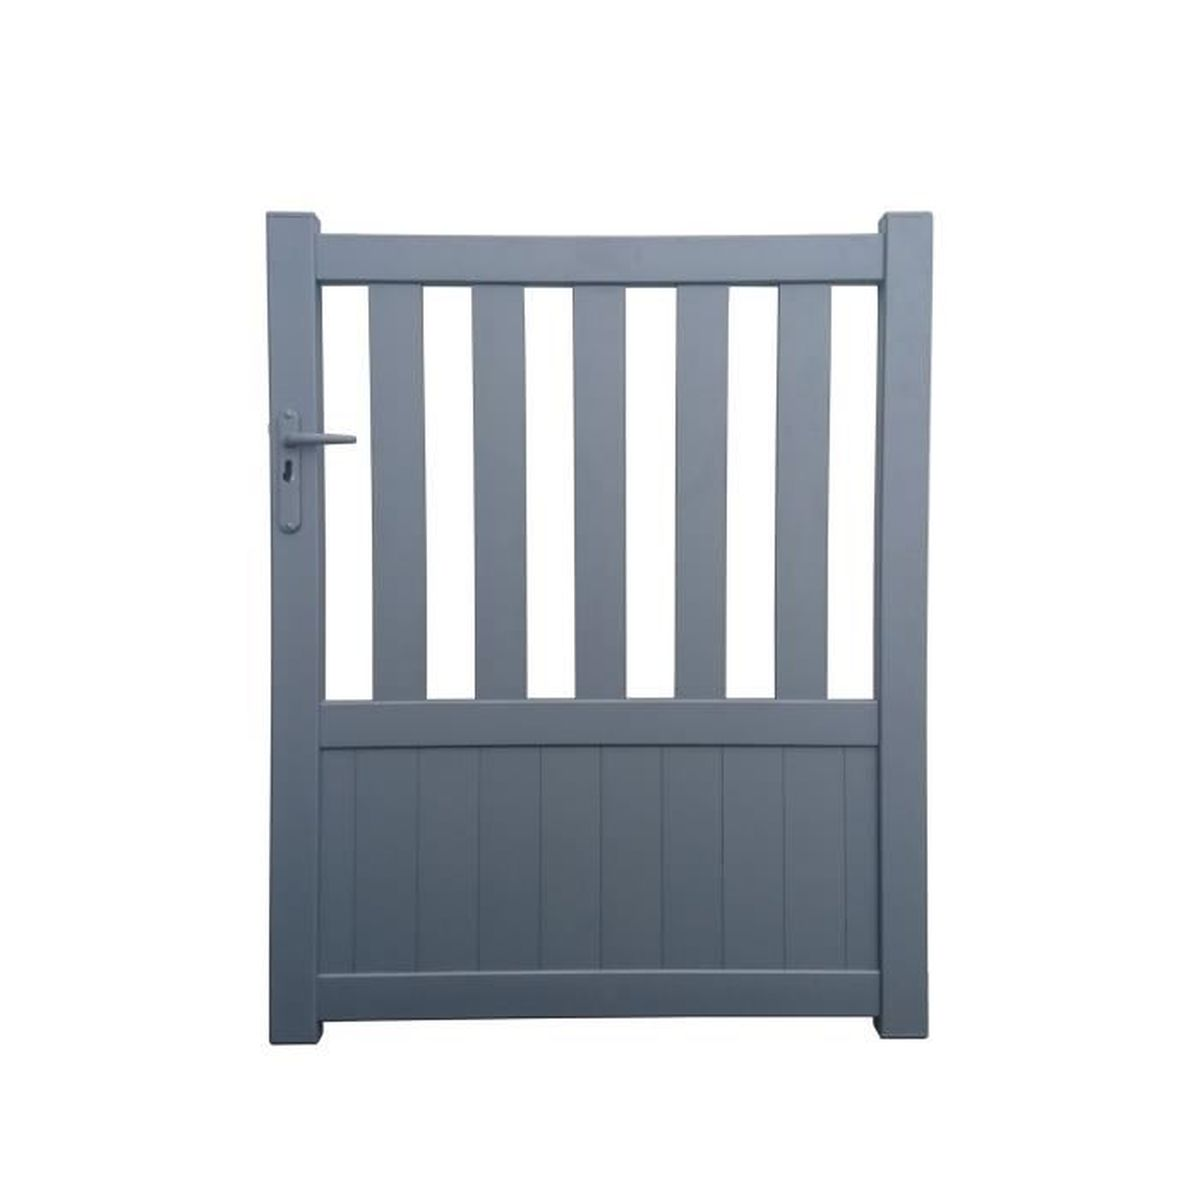 Portillon geneve gris 1m achat vente portail for Portillon pvc gris